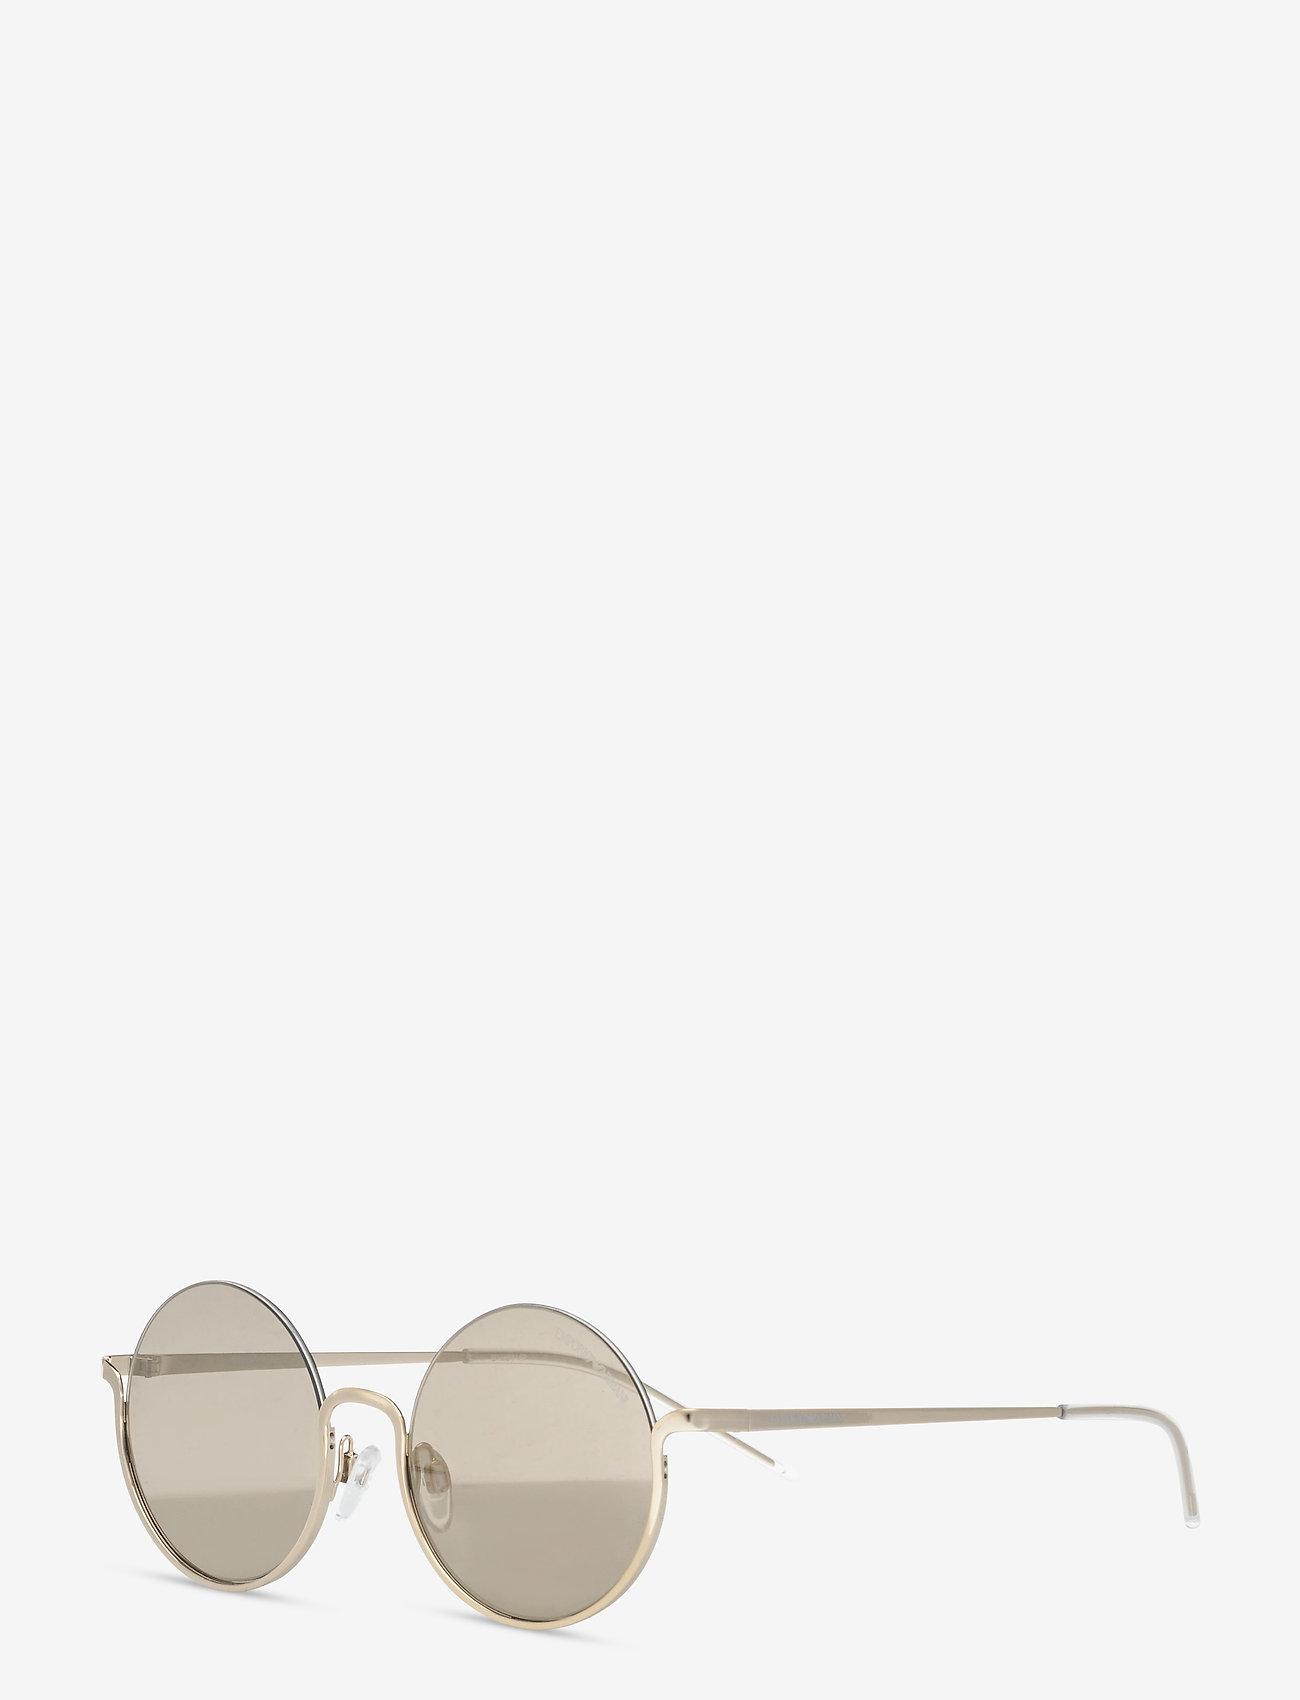 Emporio Armani Sunglasses - Sunglasses - rond model - mirror gold - 1